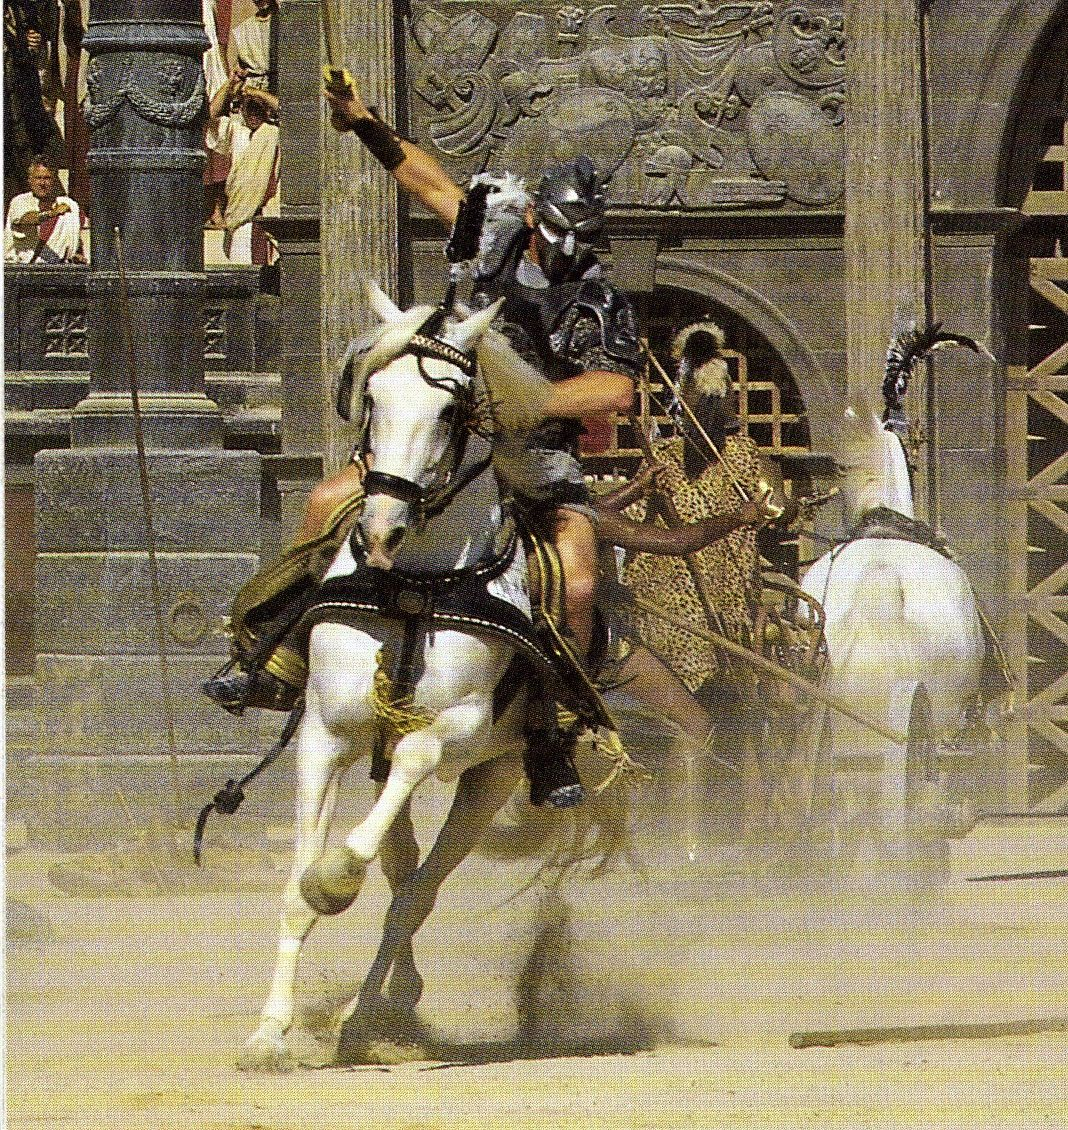 Warrior Movie Fight Scene: Collesuem & Gladiators